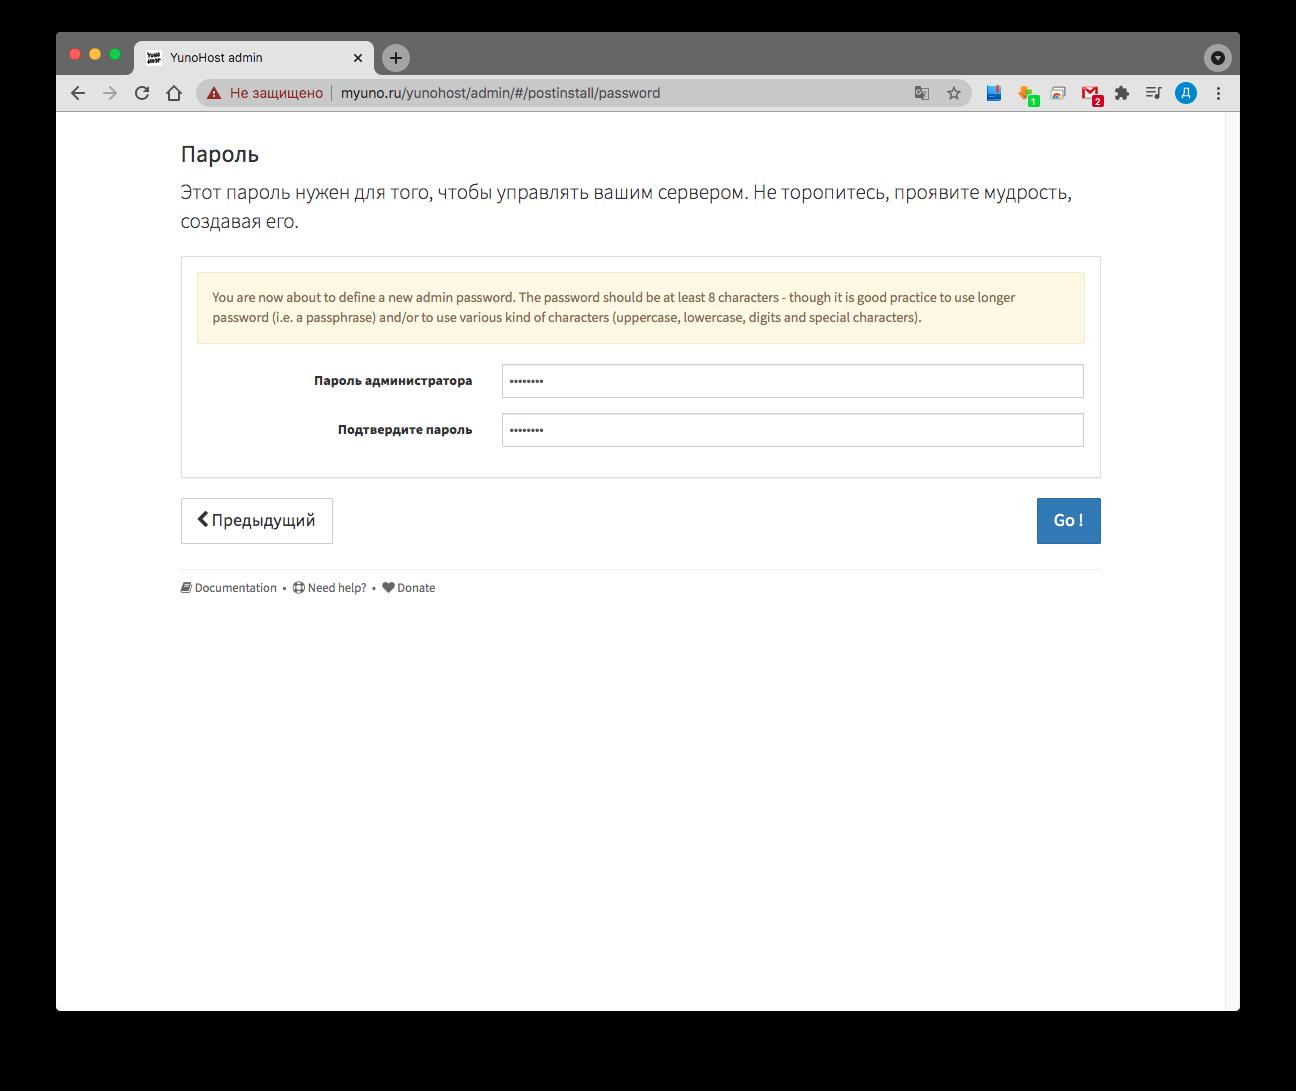 Открытая платформа для своих: как и зачем использовать Yunohost - 9